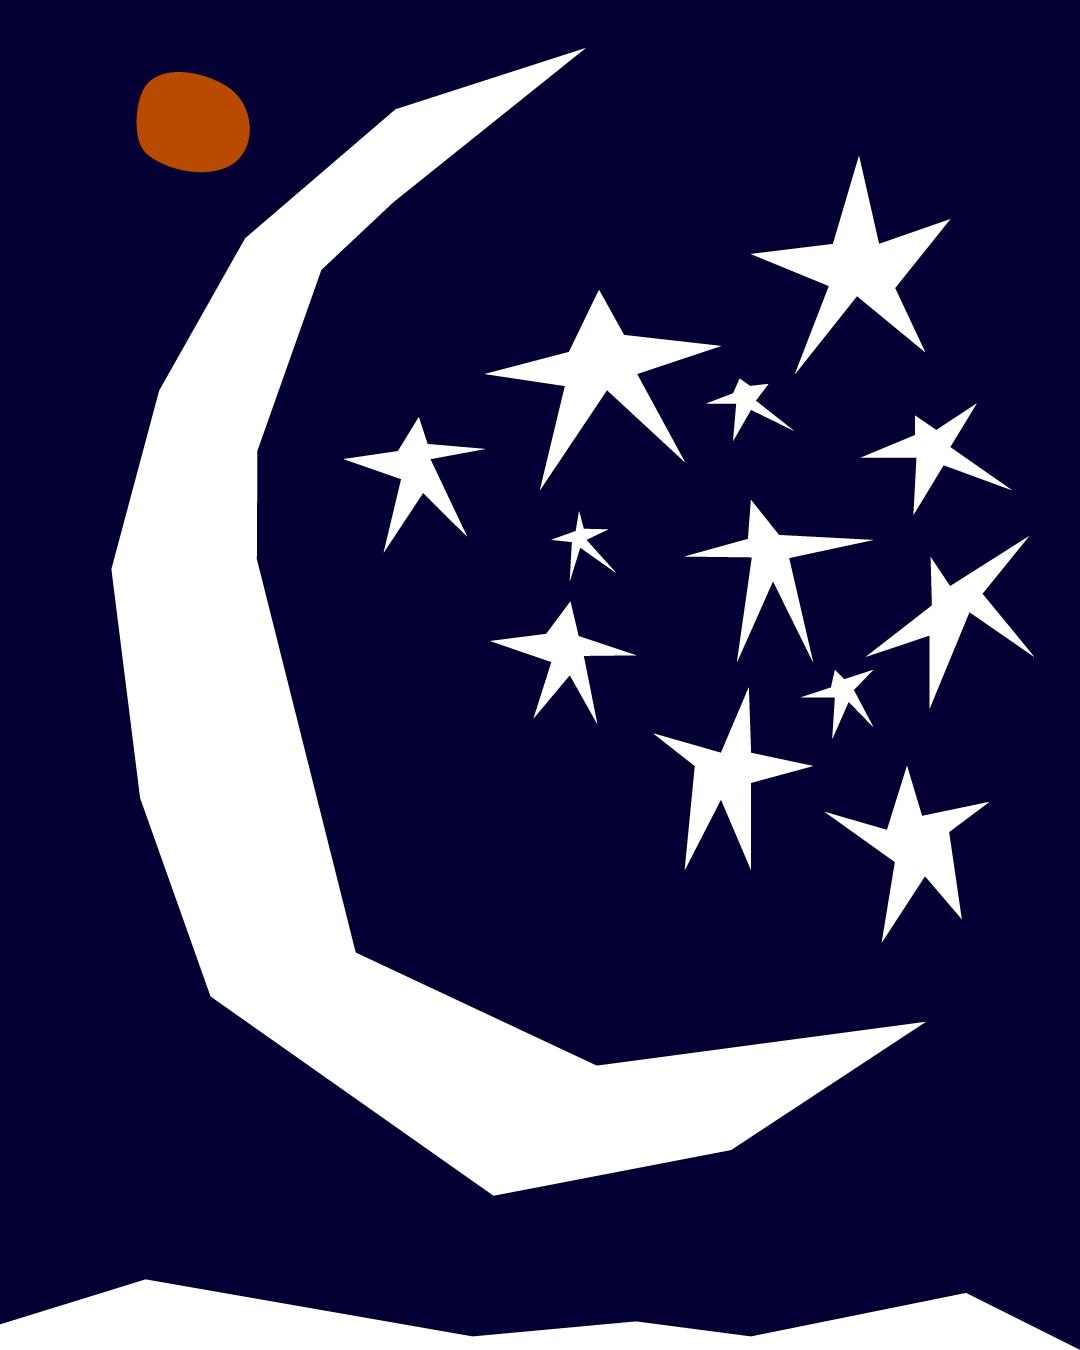 moonz.png